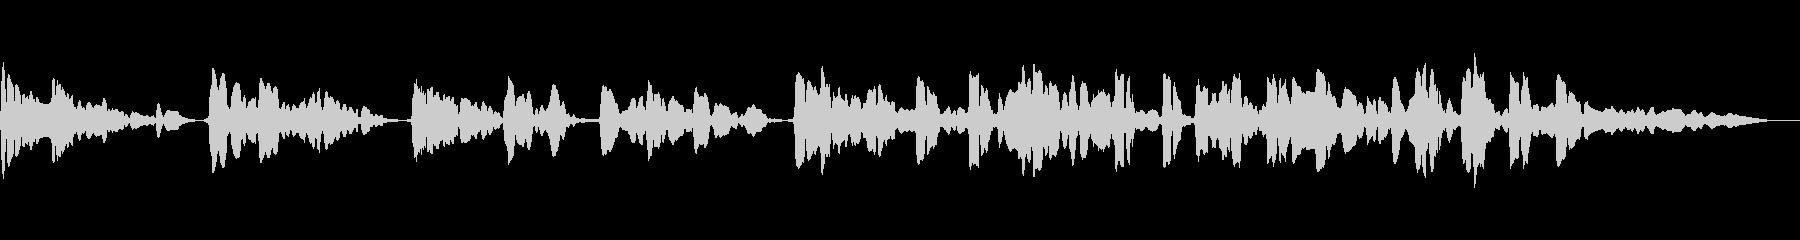 サックスの重奏です。官能的なメロディーの未再生の波形